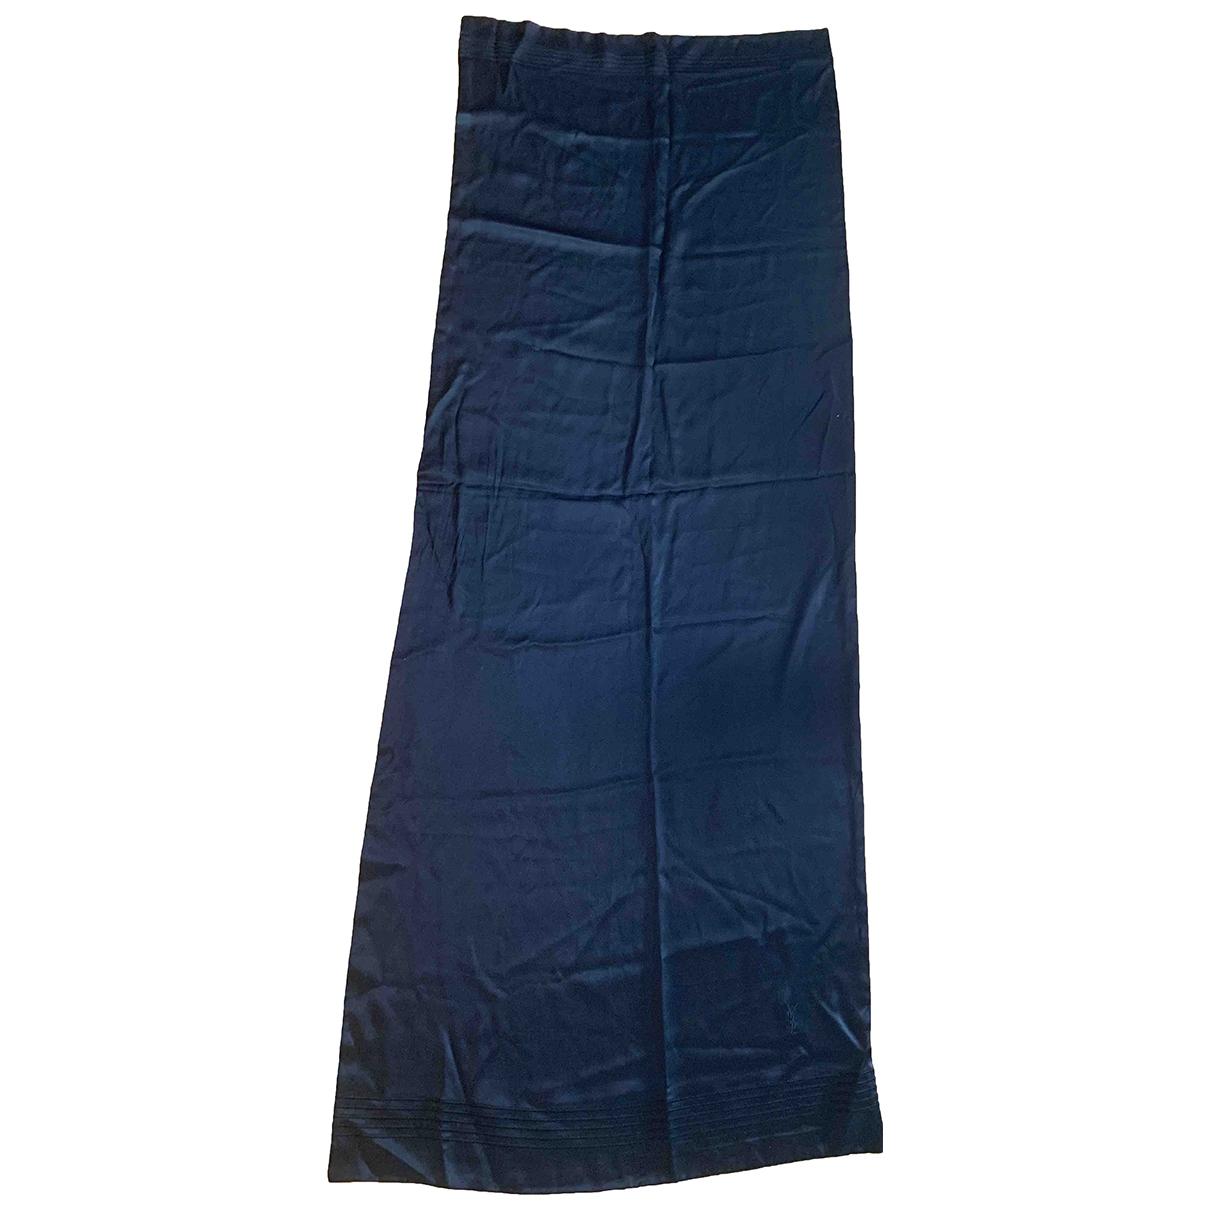 Yves Saint Laurent - Cheches.Echarpes   pour homme en soie - noir